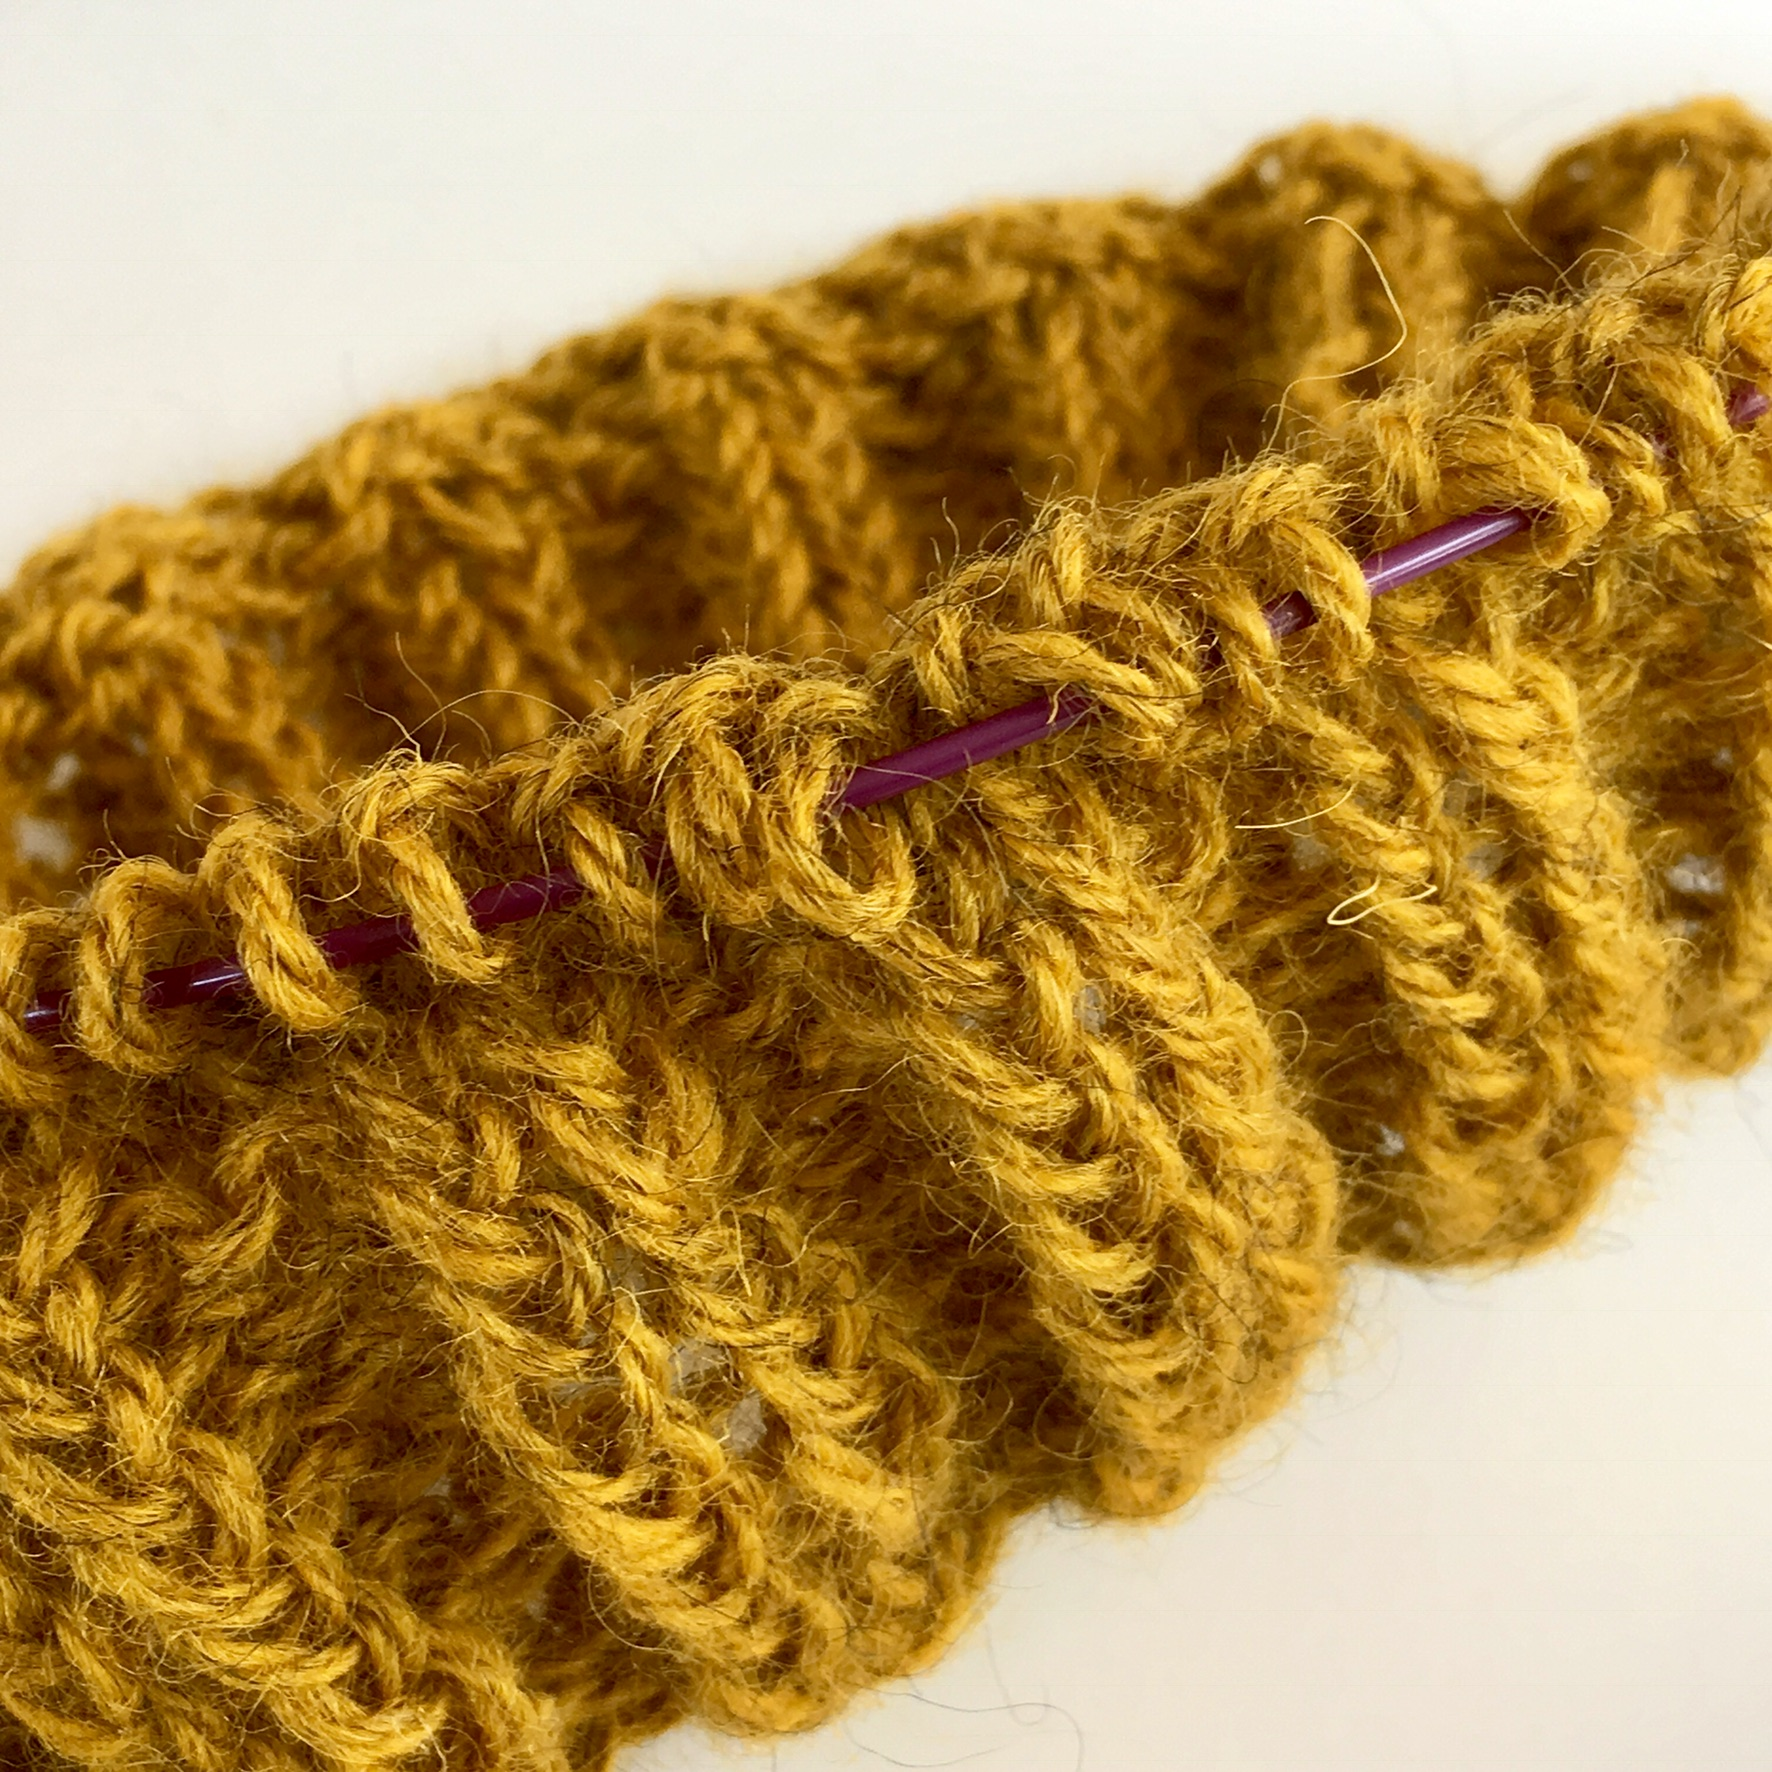 Mein Strickprojekt mit Öland-Wolle